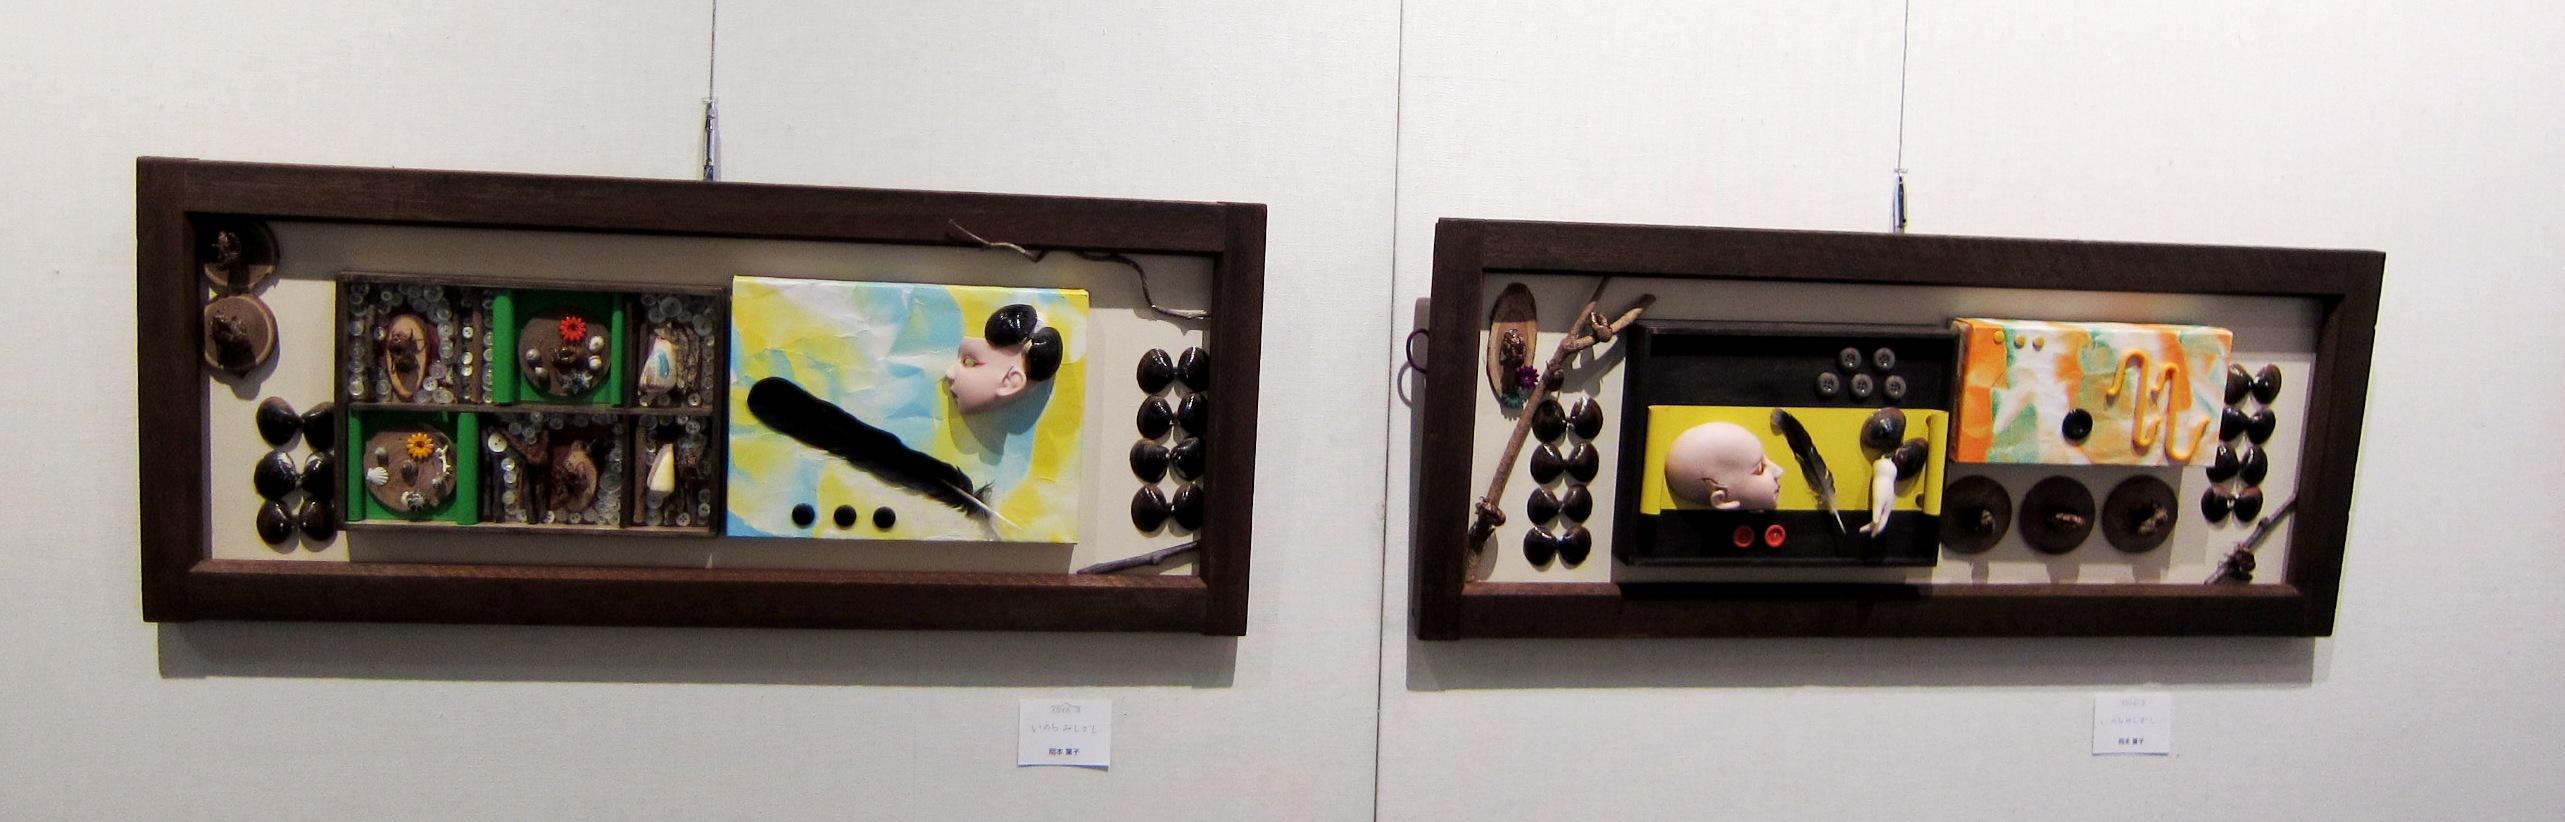 2156)「日本美術家連盟北海道地区 アーティストによる拡げる表現展」スカイ. 終了8月13日(火)~8月18日(日)_f0126829_1264176.jpg